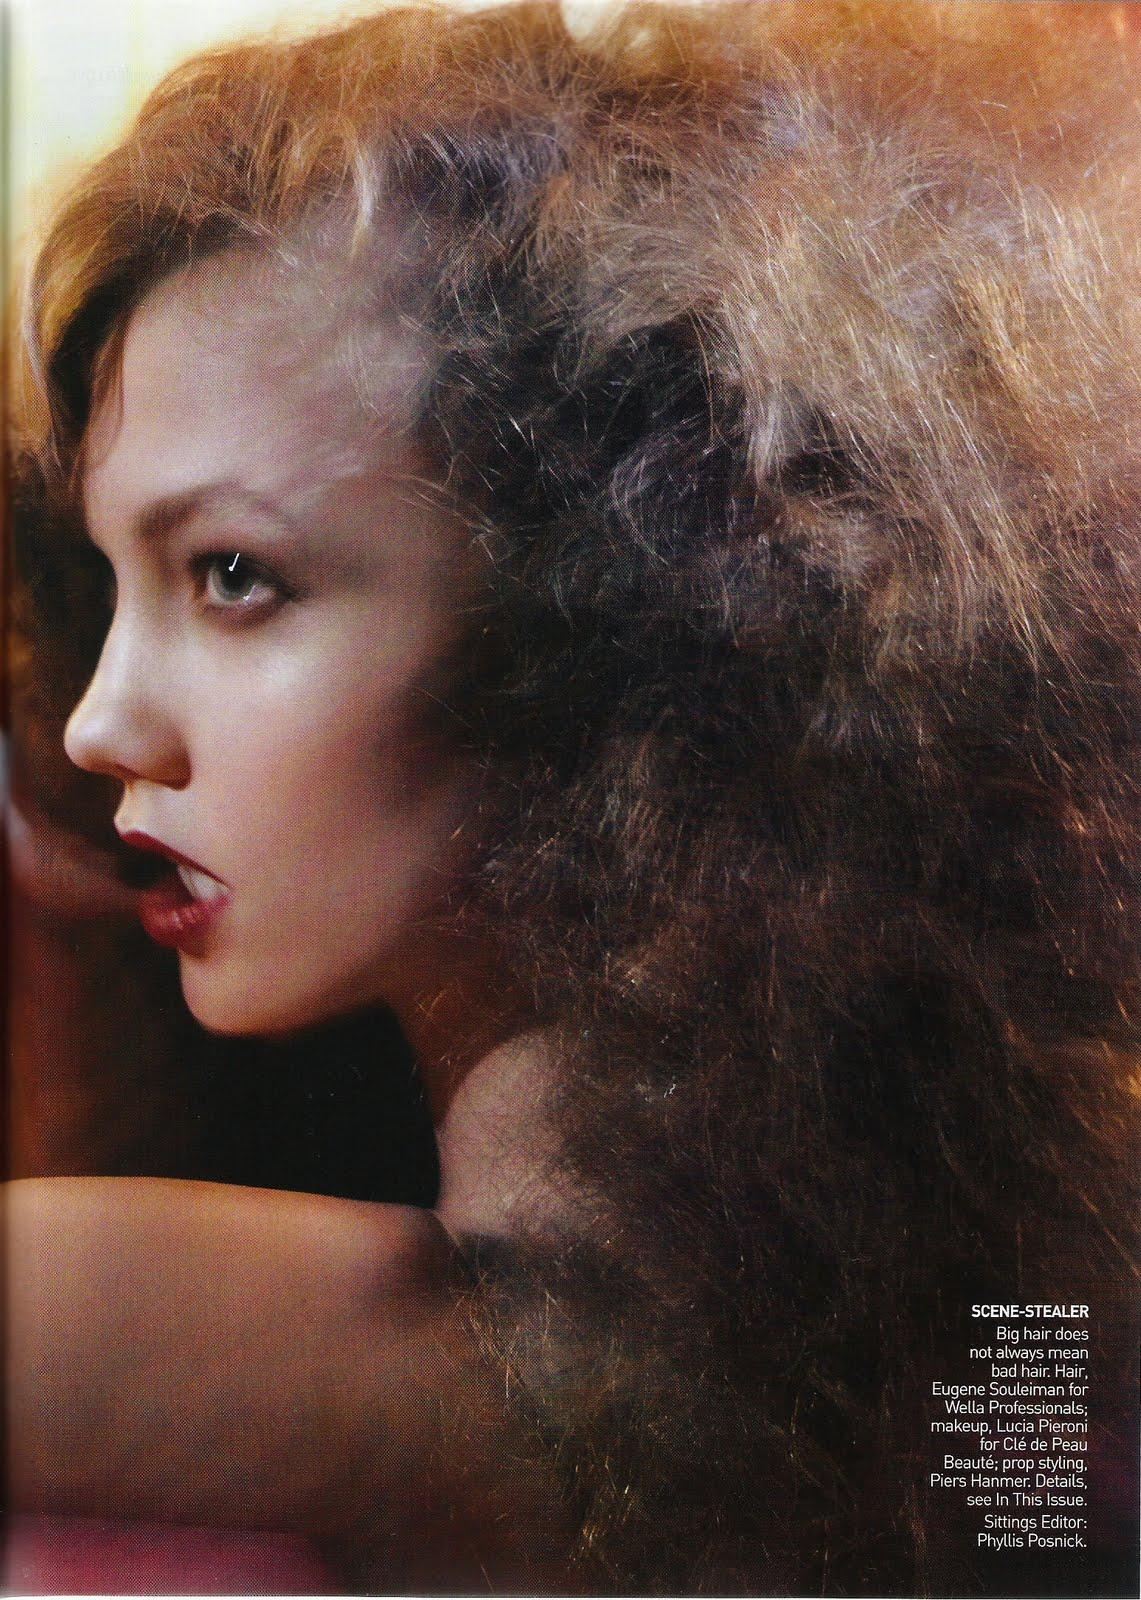 http://3.bp.blogspot.com/-S7ZV9i3anLM/Tas5ktmn31I/AAAAAAAATos/JTcu4S0BwC0/s1600/Karlie_Hot_Fuzz_McDean_US_Vogue_June_09_02.jpg